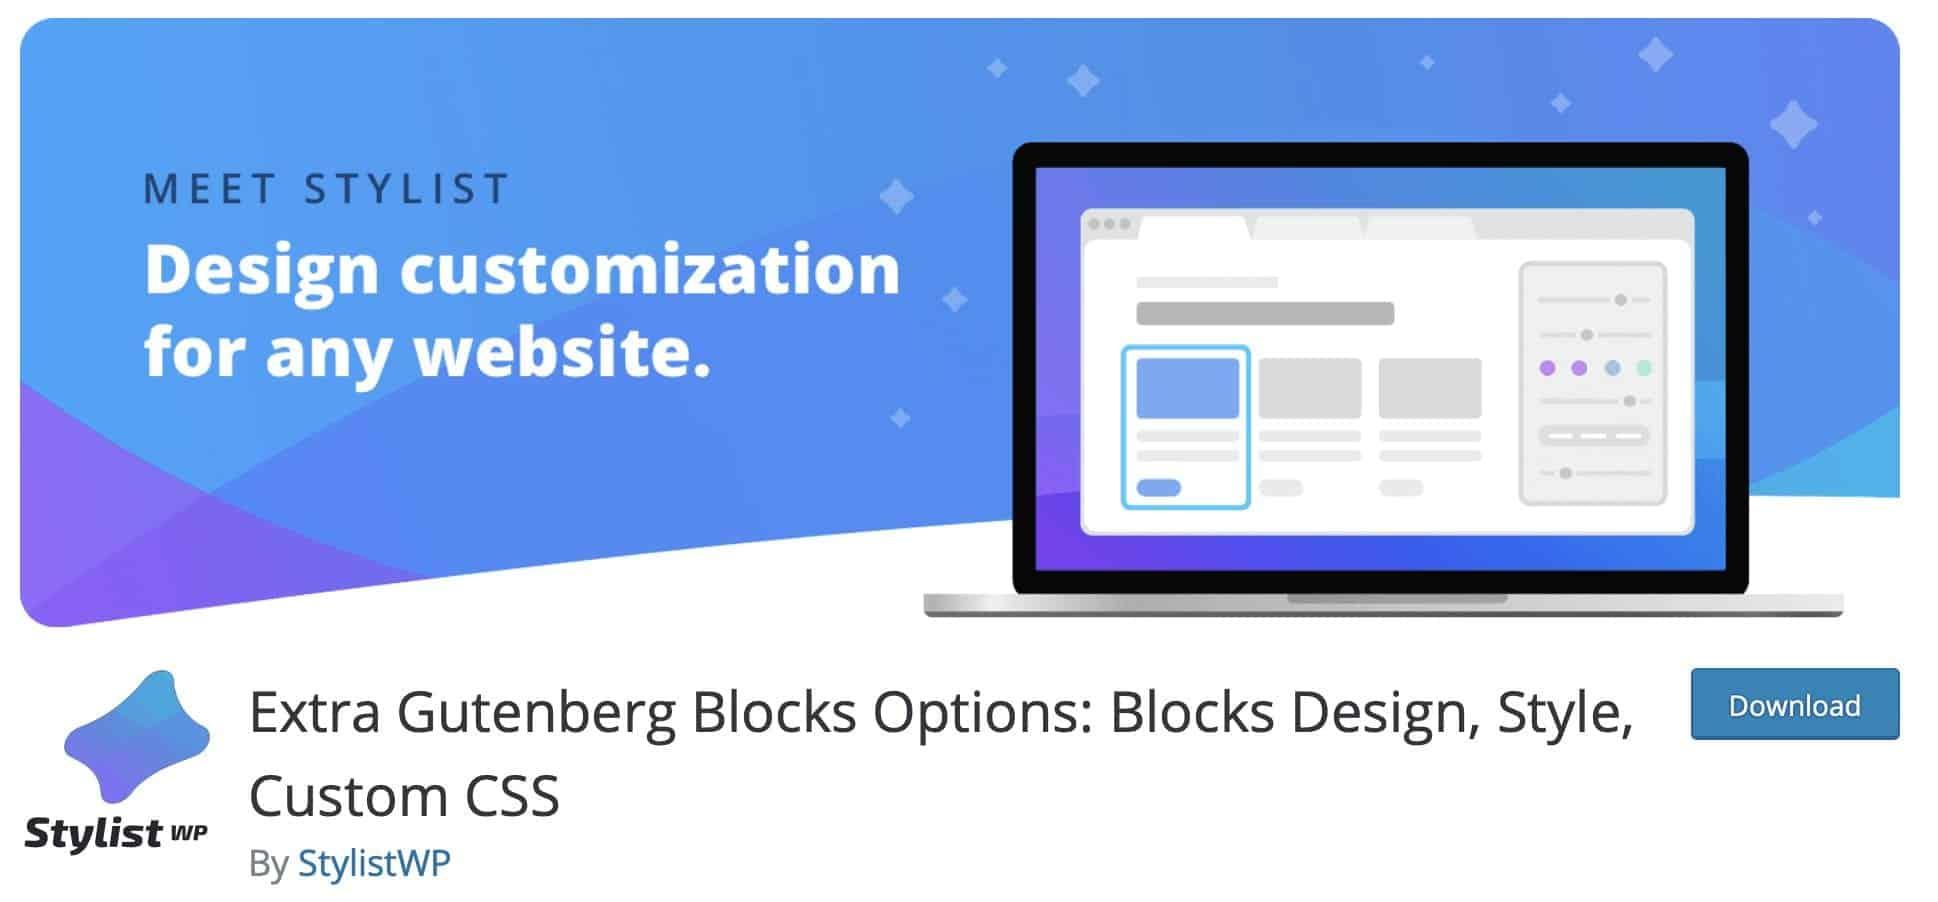 extra Gutenberg Blocks